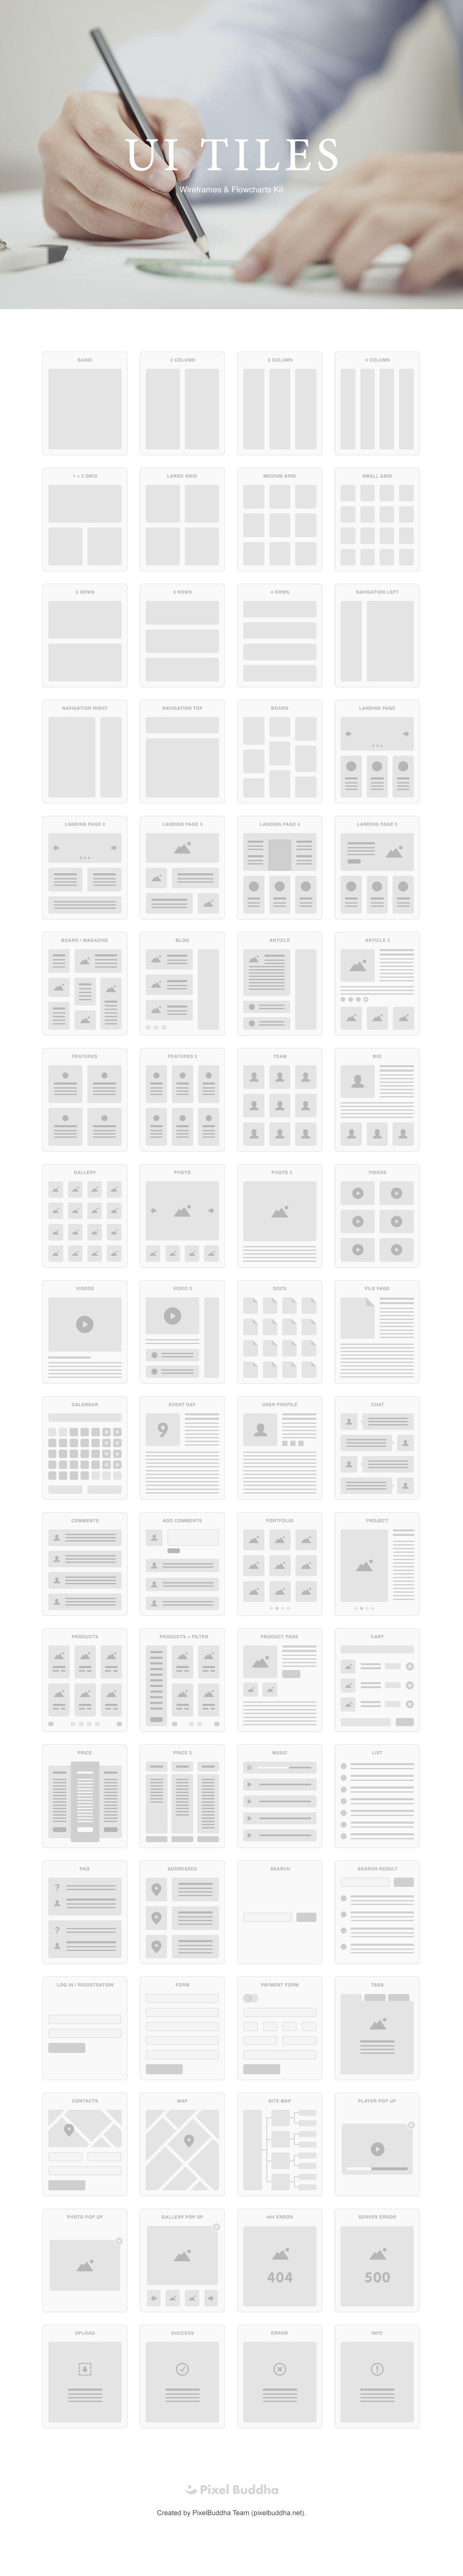 UI TILES 线框图和流程图 UI 套件,帮助设计师提升 80% 的工作效率!